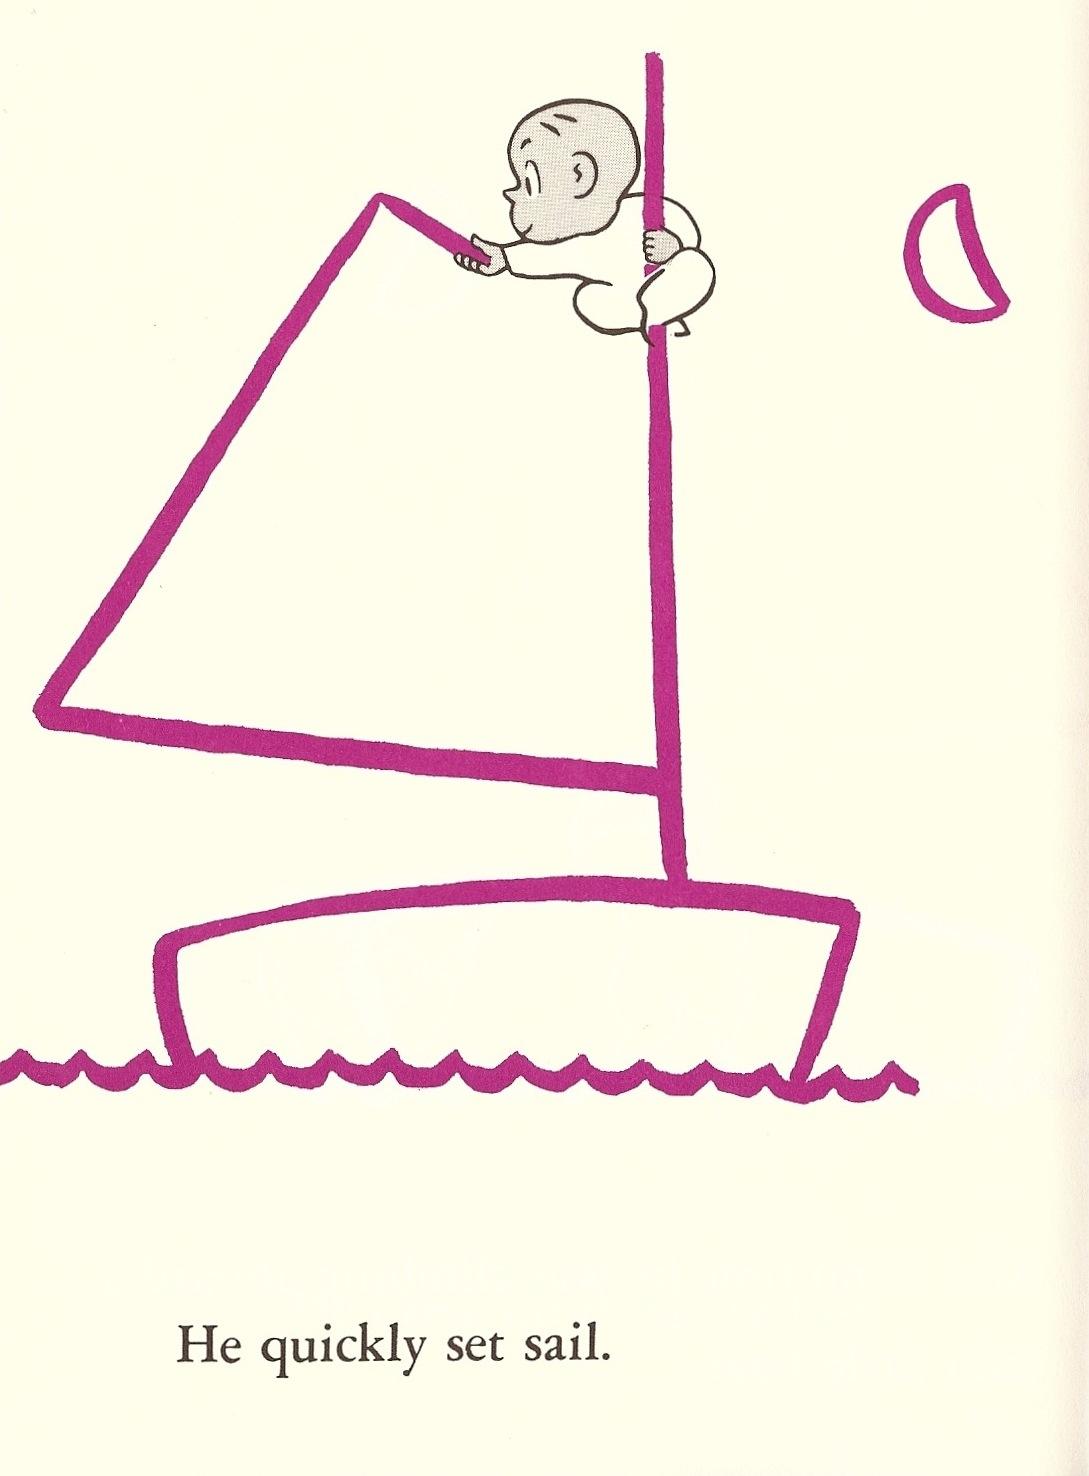 Harold and his crayon